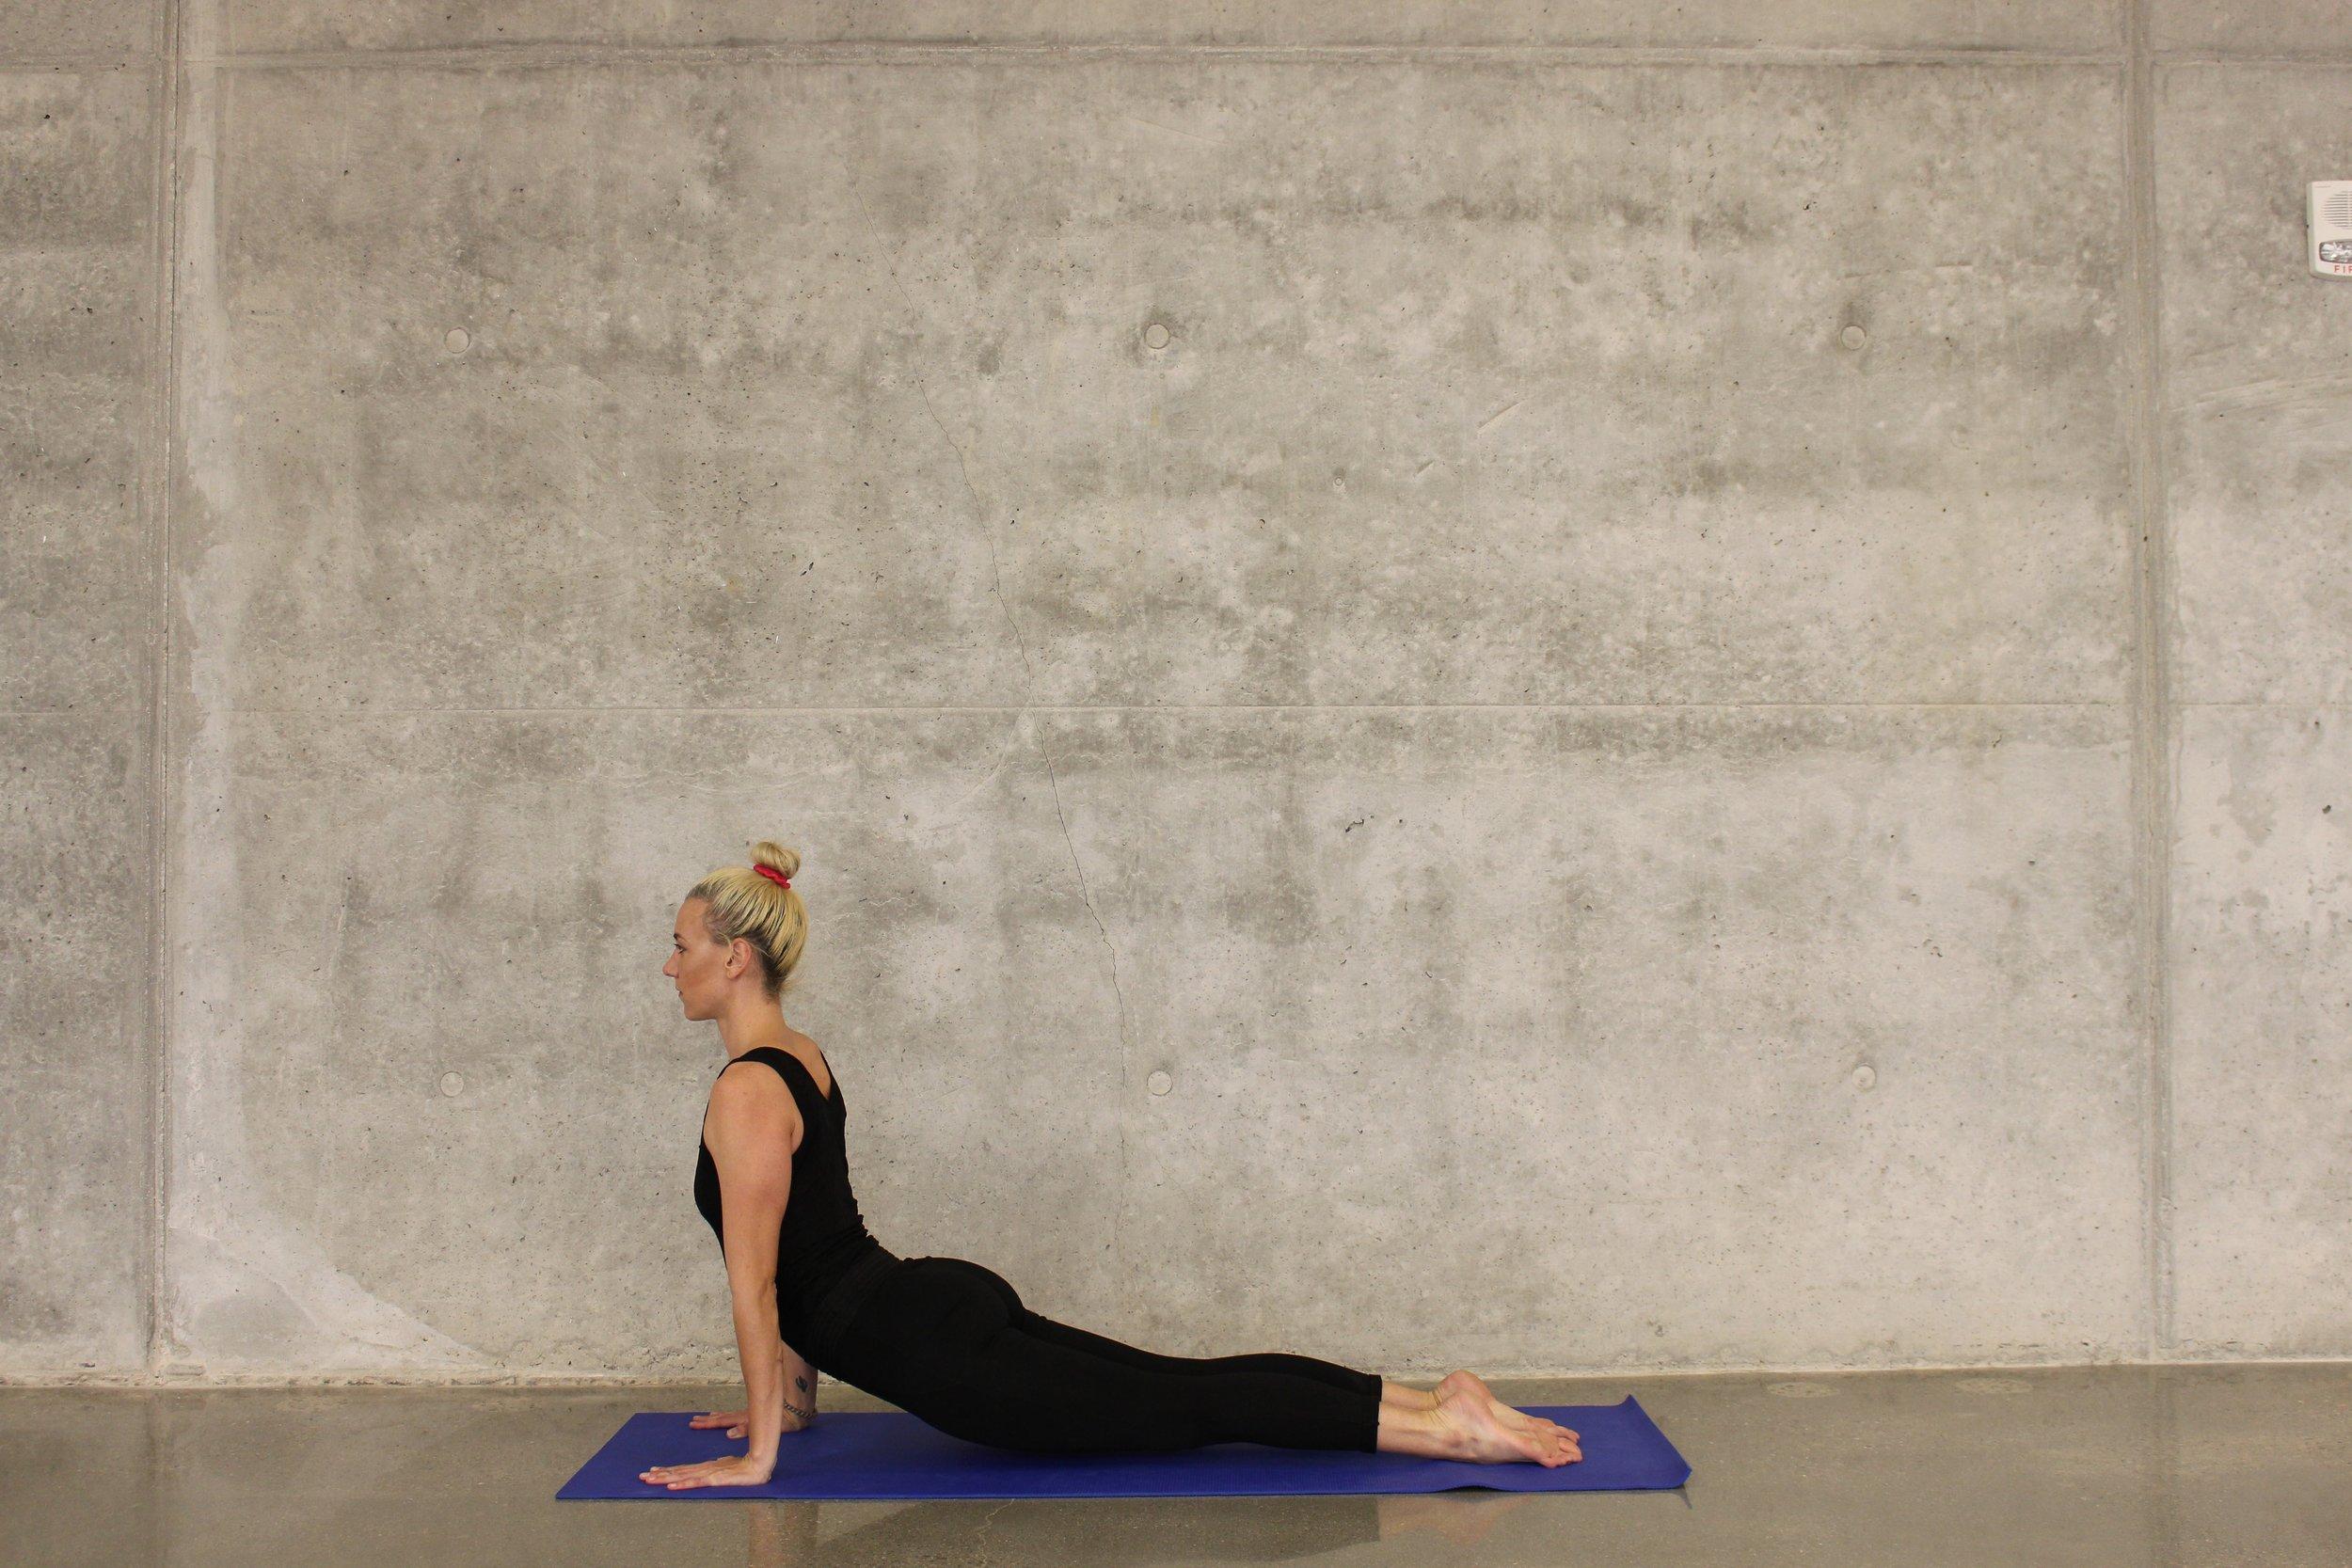 Yoga Pose, courtesy of Katee Lue / Unsplash